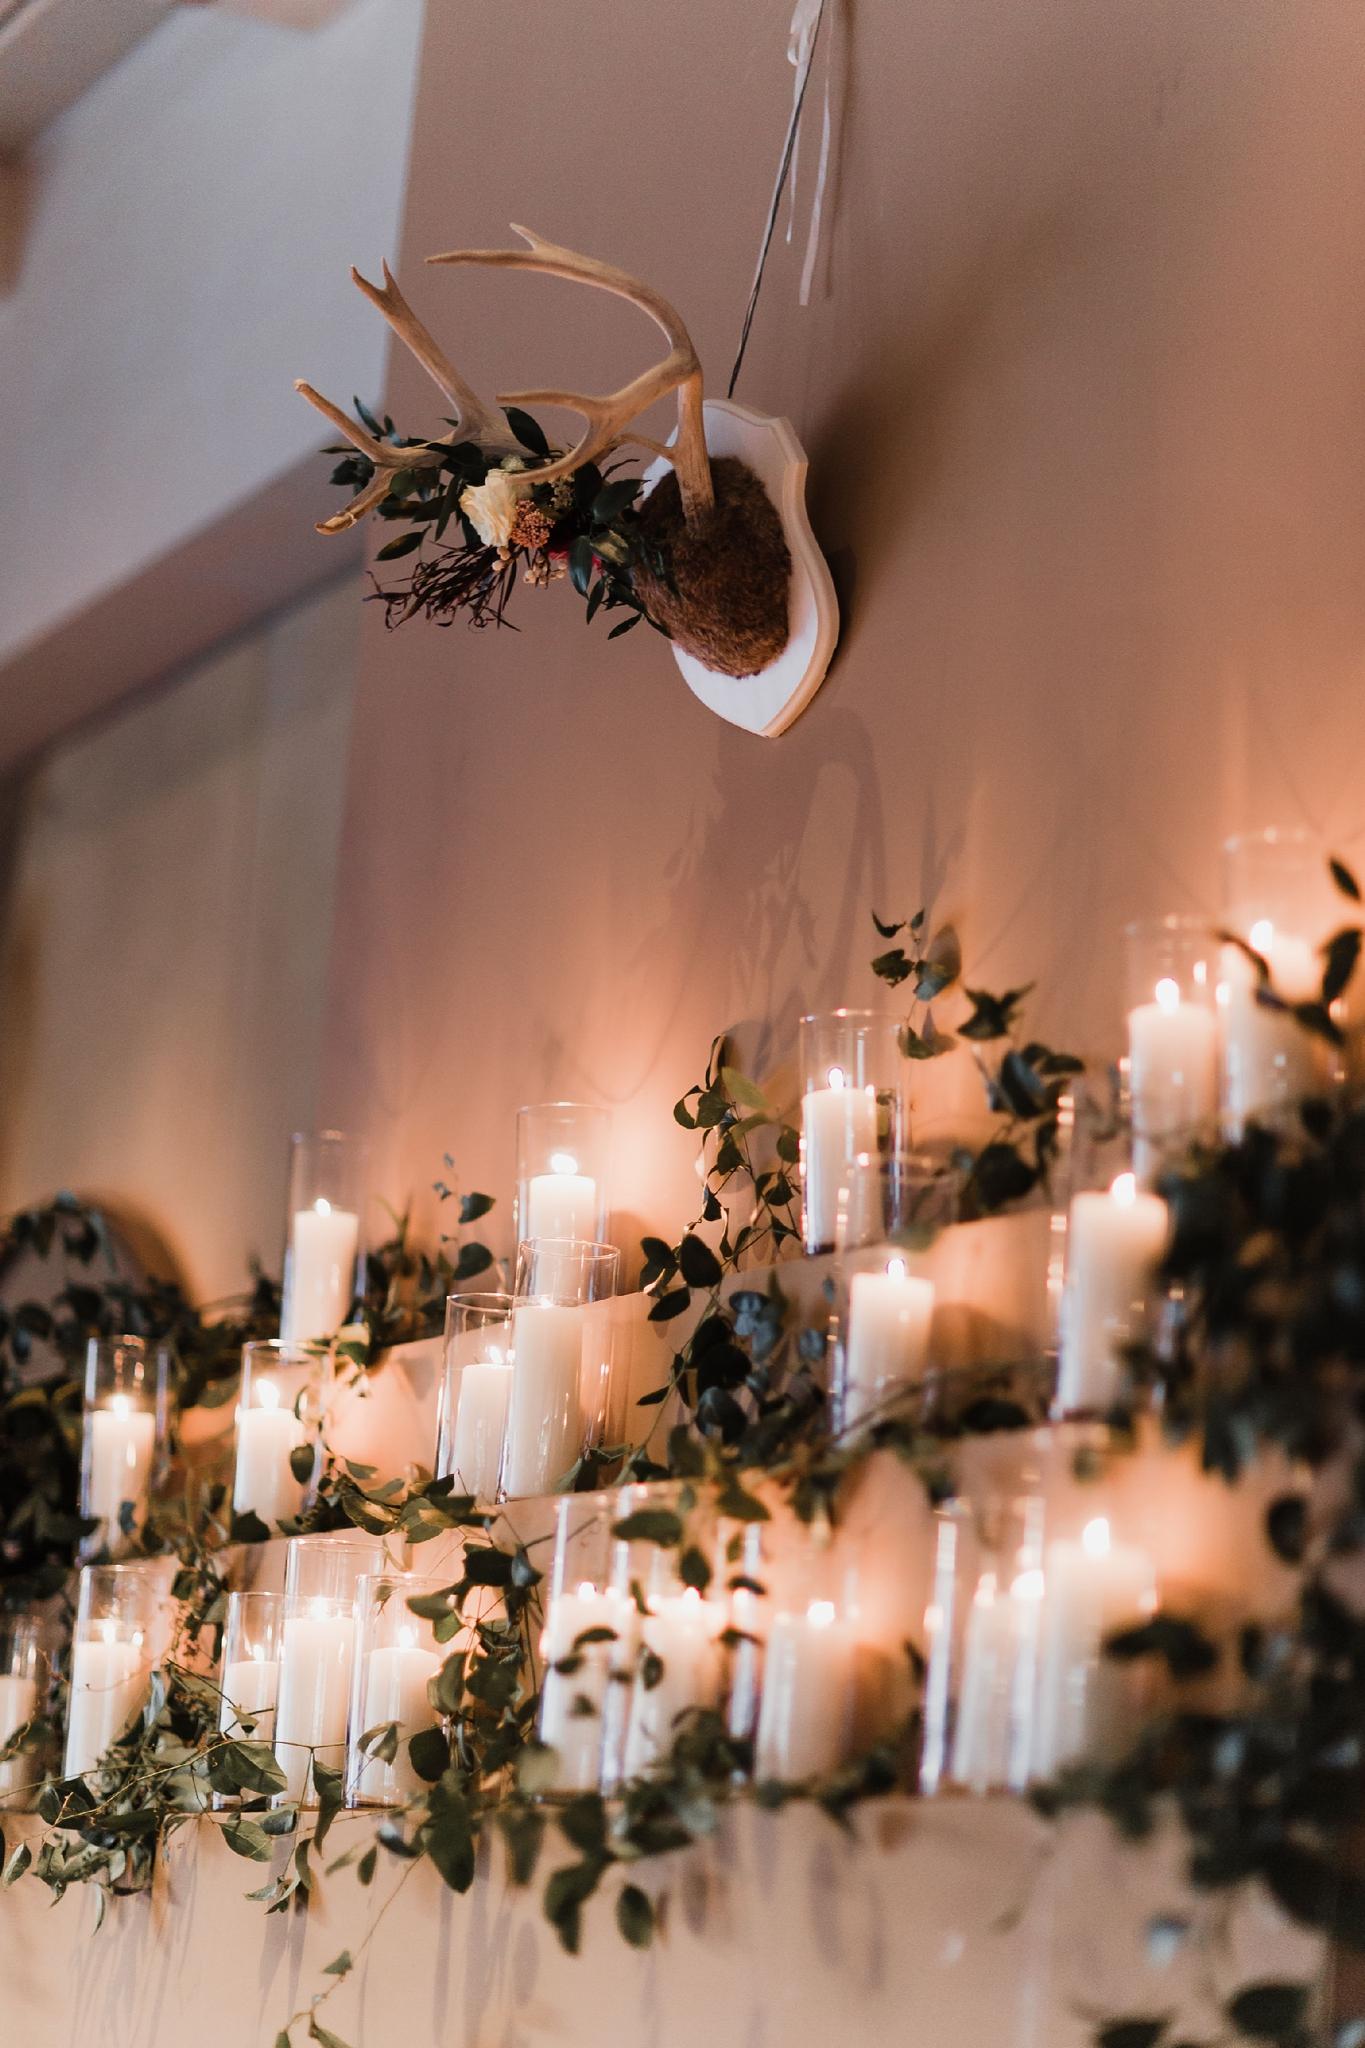 Alicia+lucia+photography+-+albuquerque+wedding+photographer+-+santa+fe+wedding+photography+-+new+mexico+wedding+photographer+-+new+mexico+wedding+-+new+mexico+florist+-+floriography+flowers+-+floriography+flowers+new+mexico+-+wedding+florist_0036.jpg